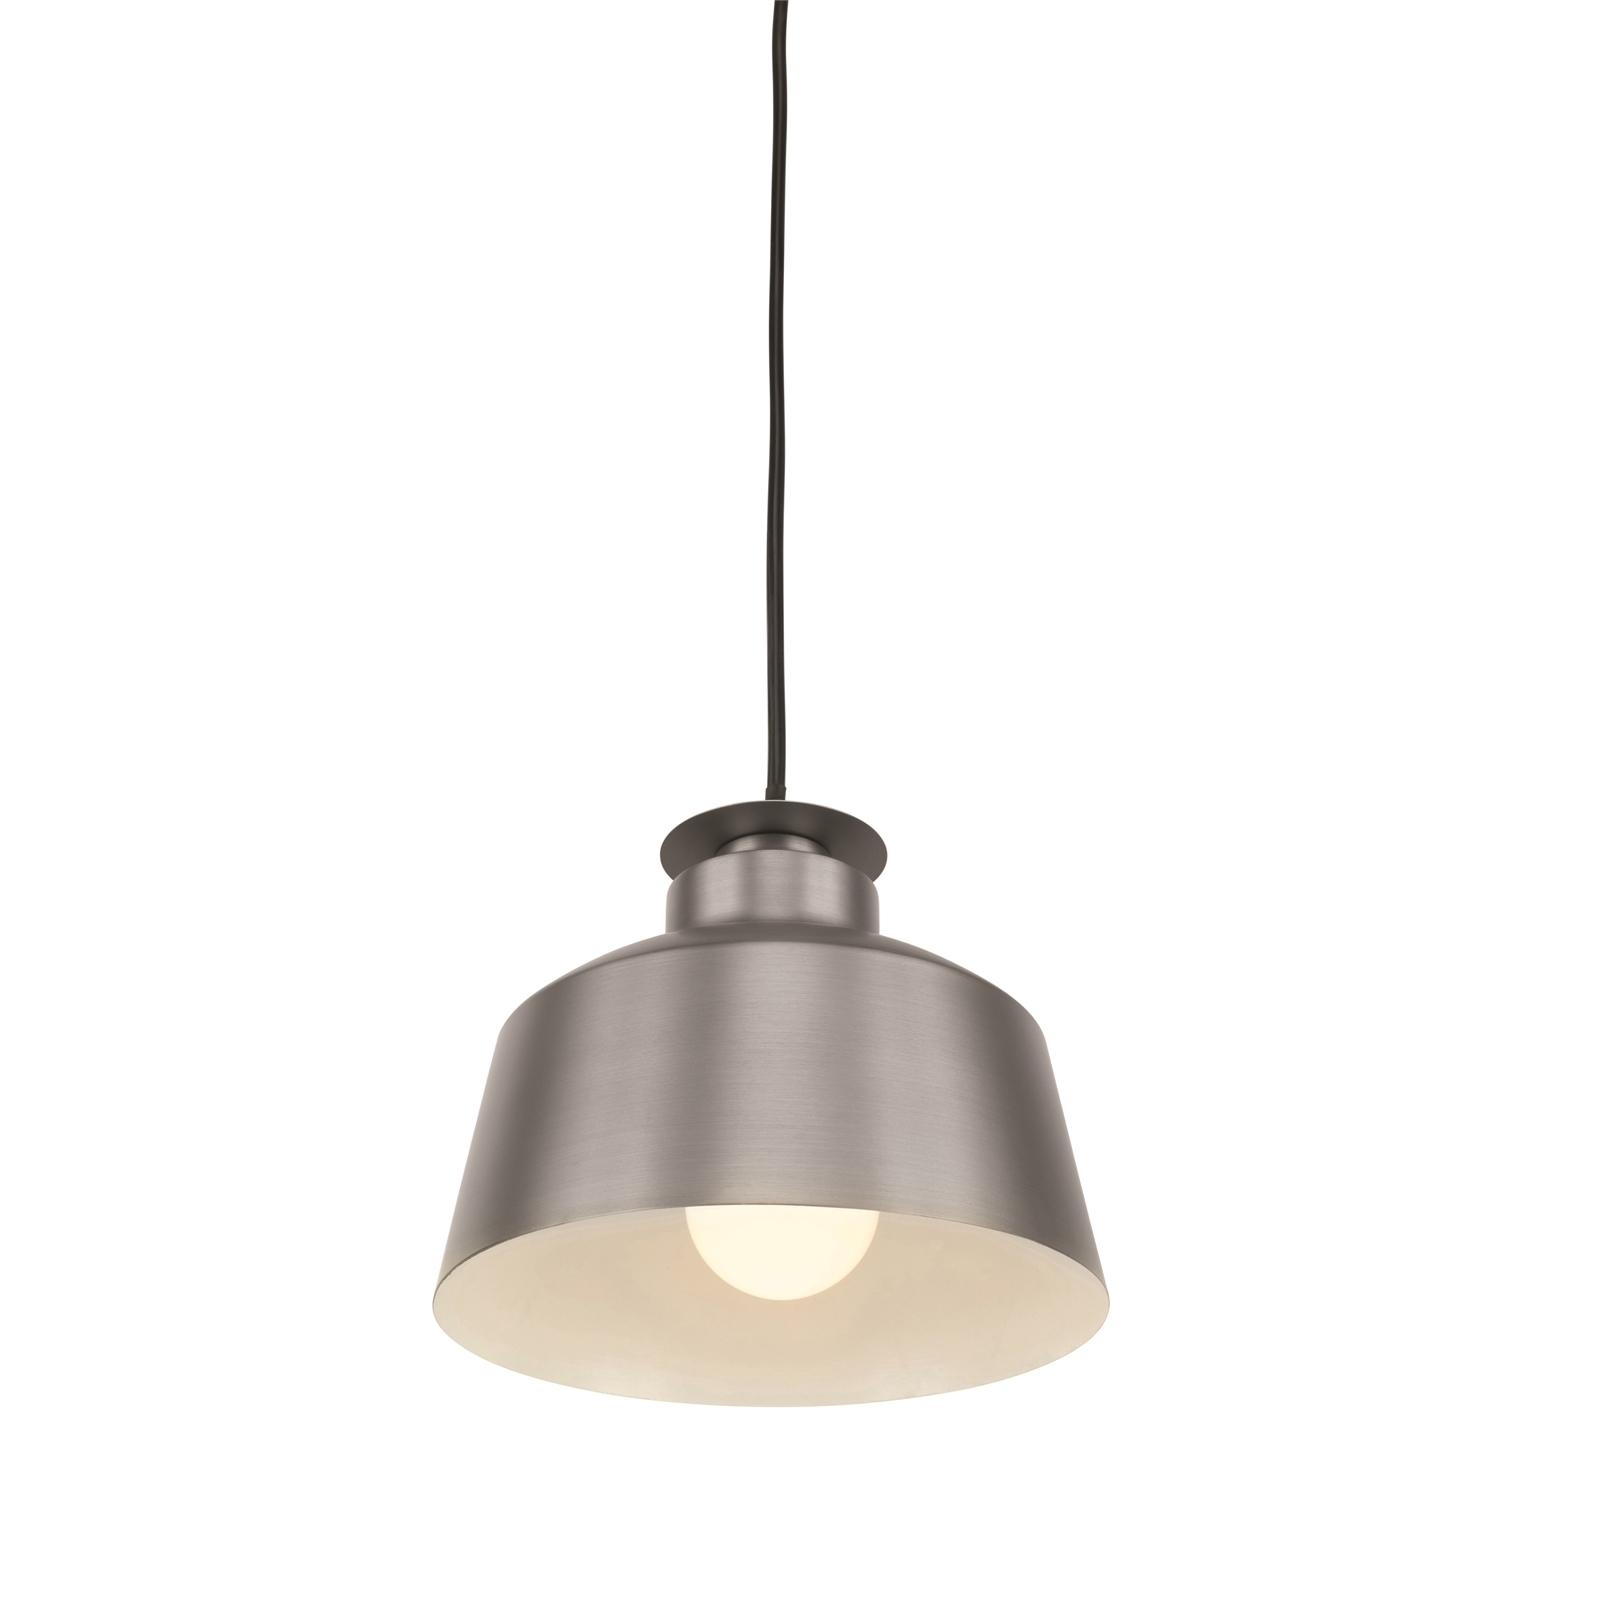 Brilliant 20cm Pewter Grey Metal Edie DIY Plug-In Lux Industrial Pendant Light